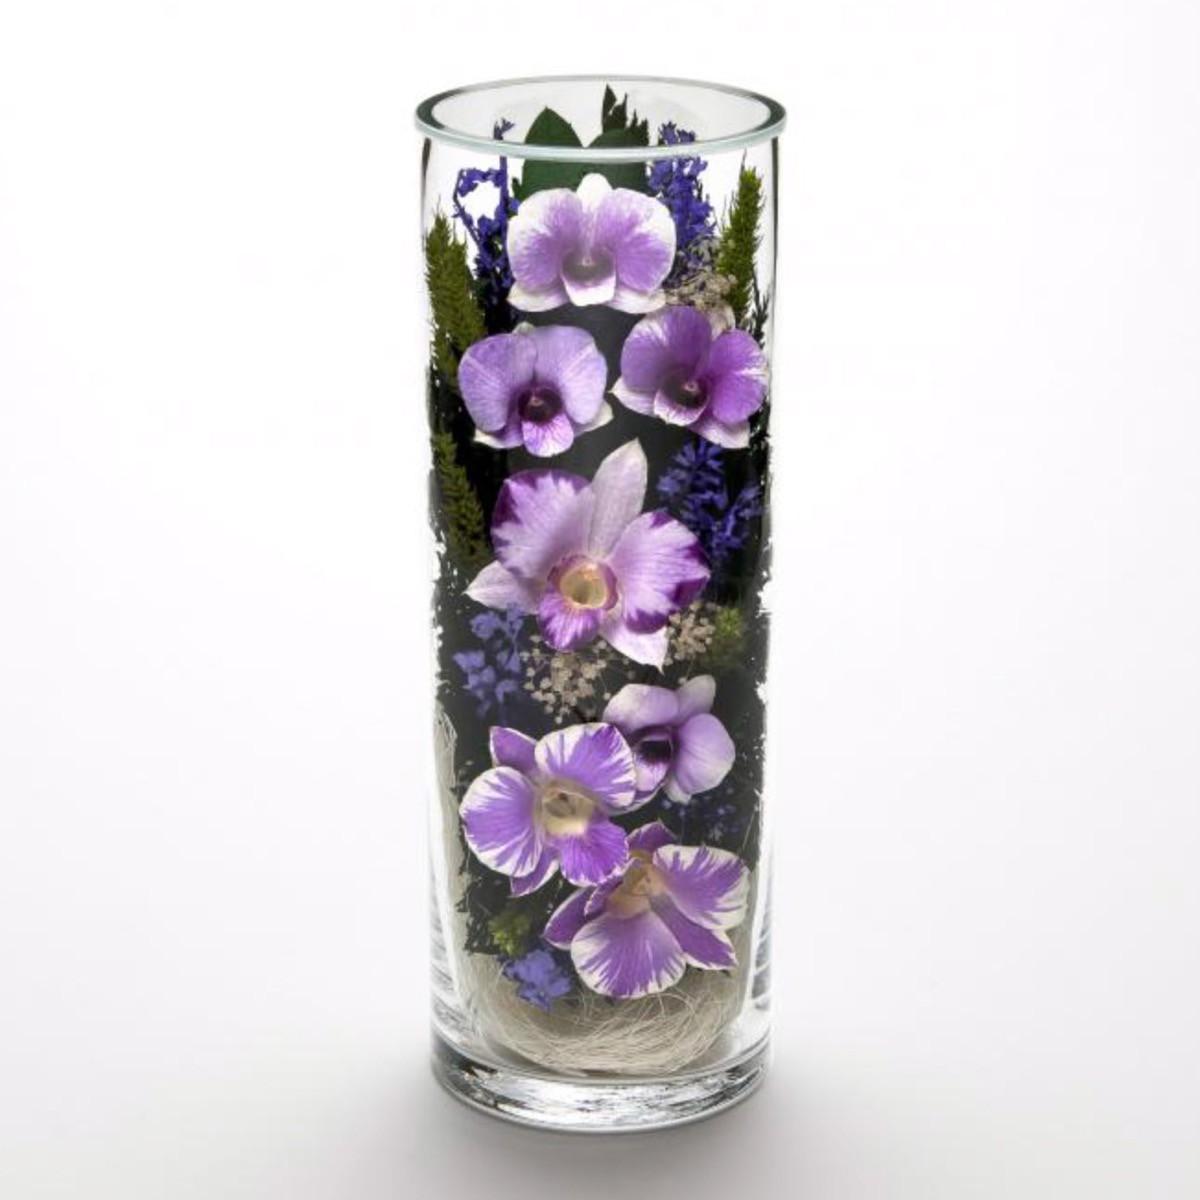 グラスウェアフラワー オーキッド グラス3L【蘭 敬老の日 贈り物 プレゼント ギフト お祝い お供え】